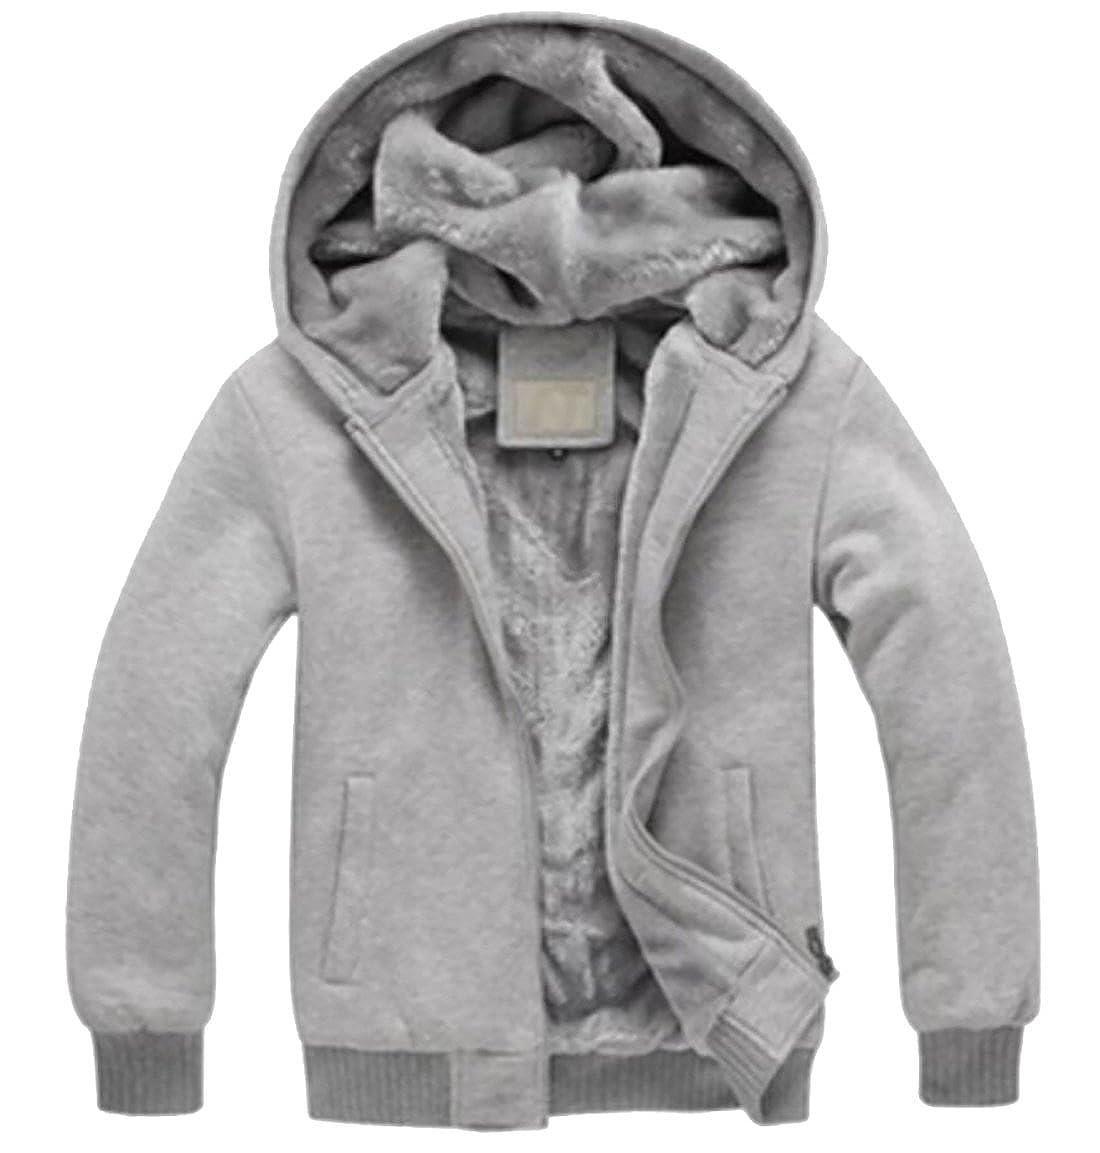 Gnao Men Hoodies Fleece Lined Front Zip Pockets Warm Jacket Sweatshirt